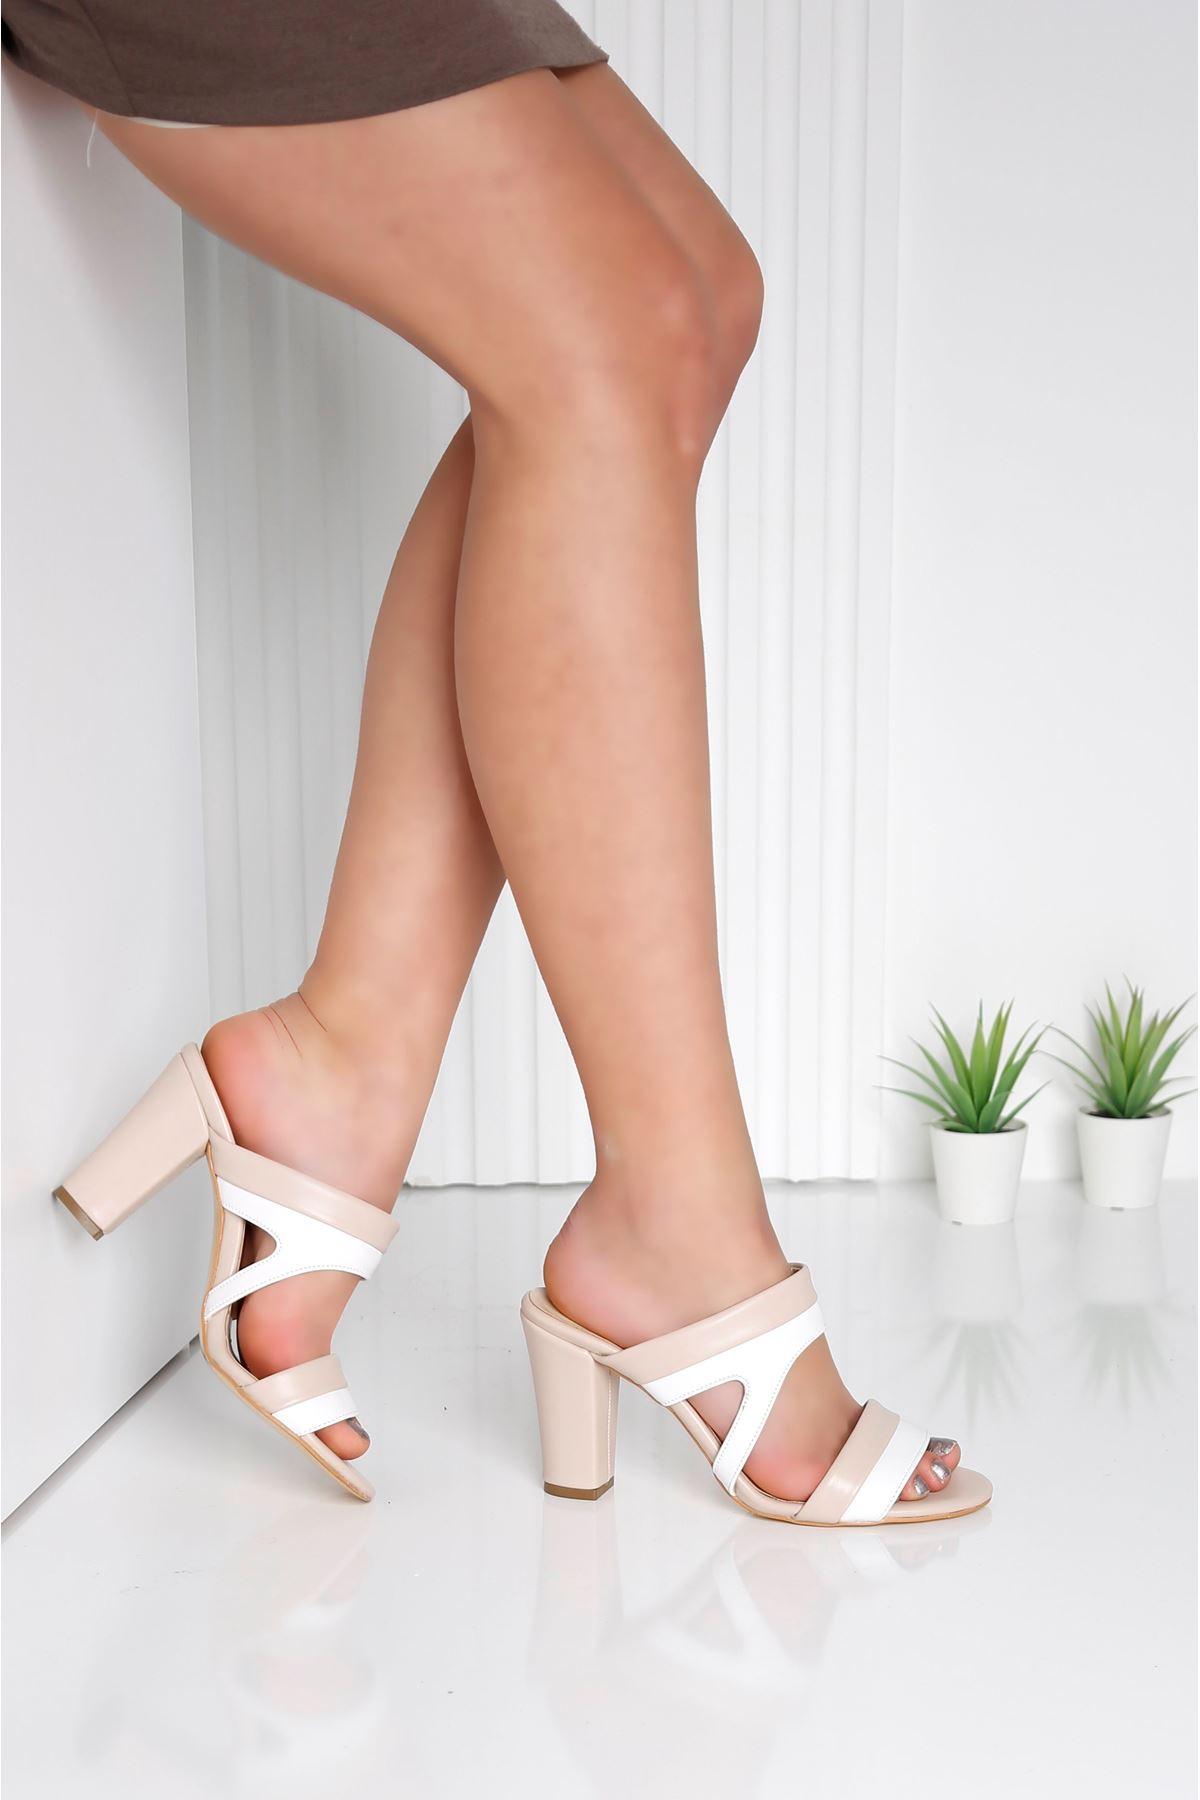 EDINA Krem Topuklu Kadın Terlik